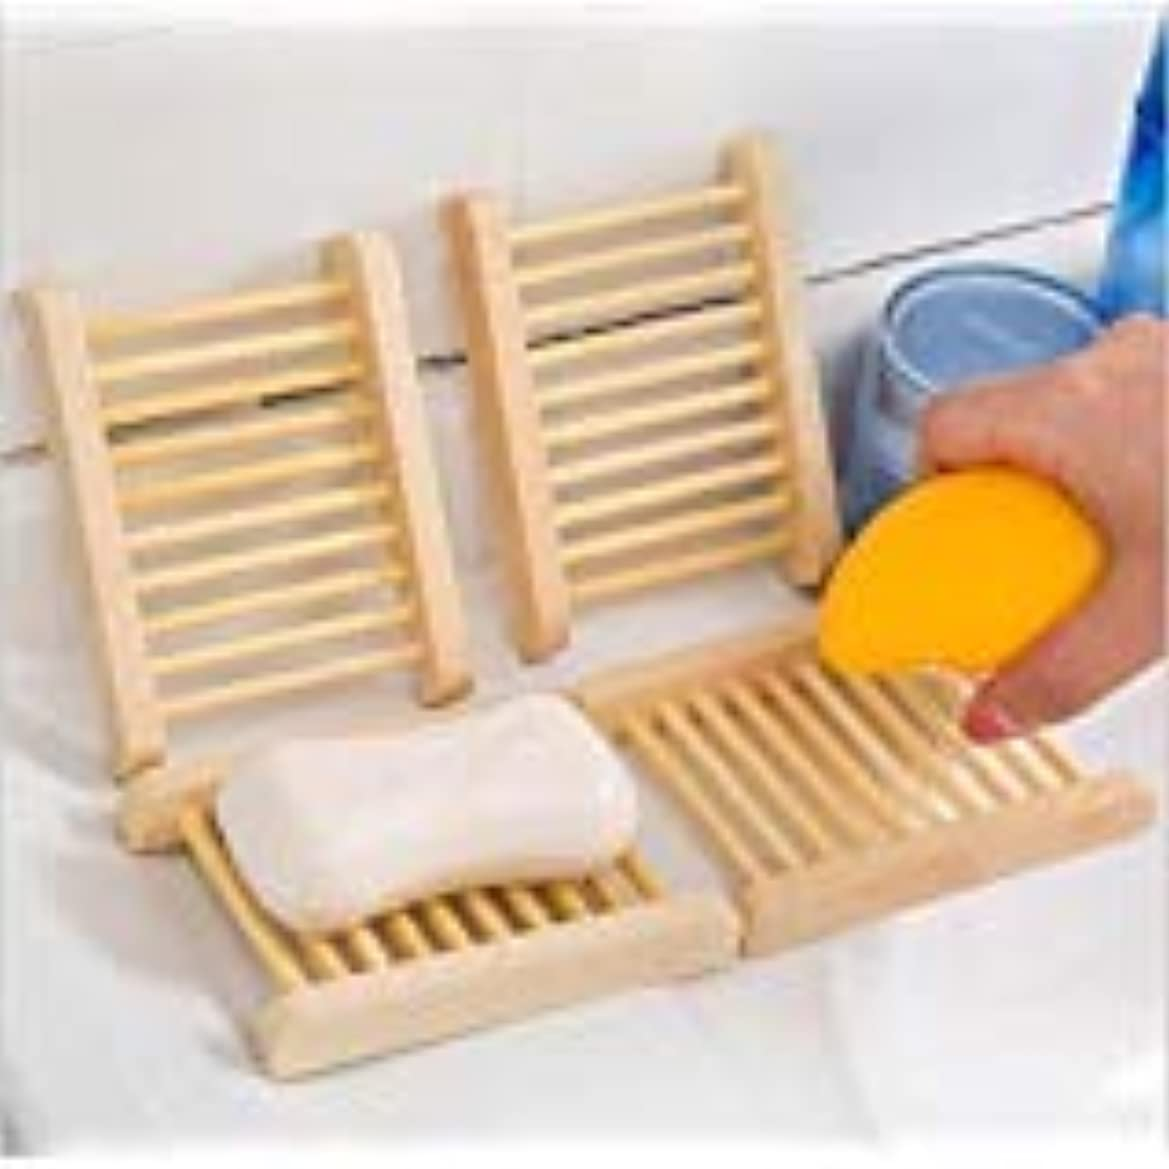 入力湿原逆KINGZUO ソープトレー せっけんトレー 石鹸置き石鹸置き 石鹸ボックス ソープディッシュ 水切り お風呂 バス用品 木製 4個入り